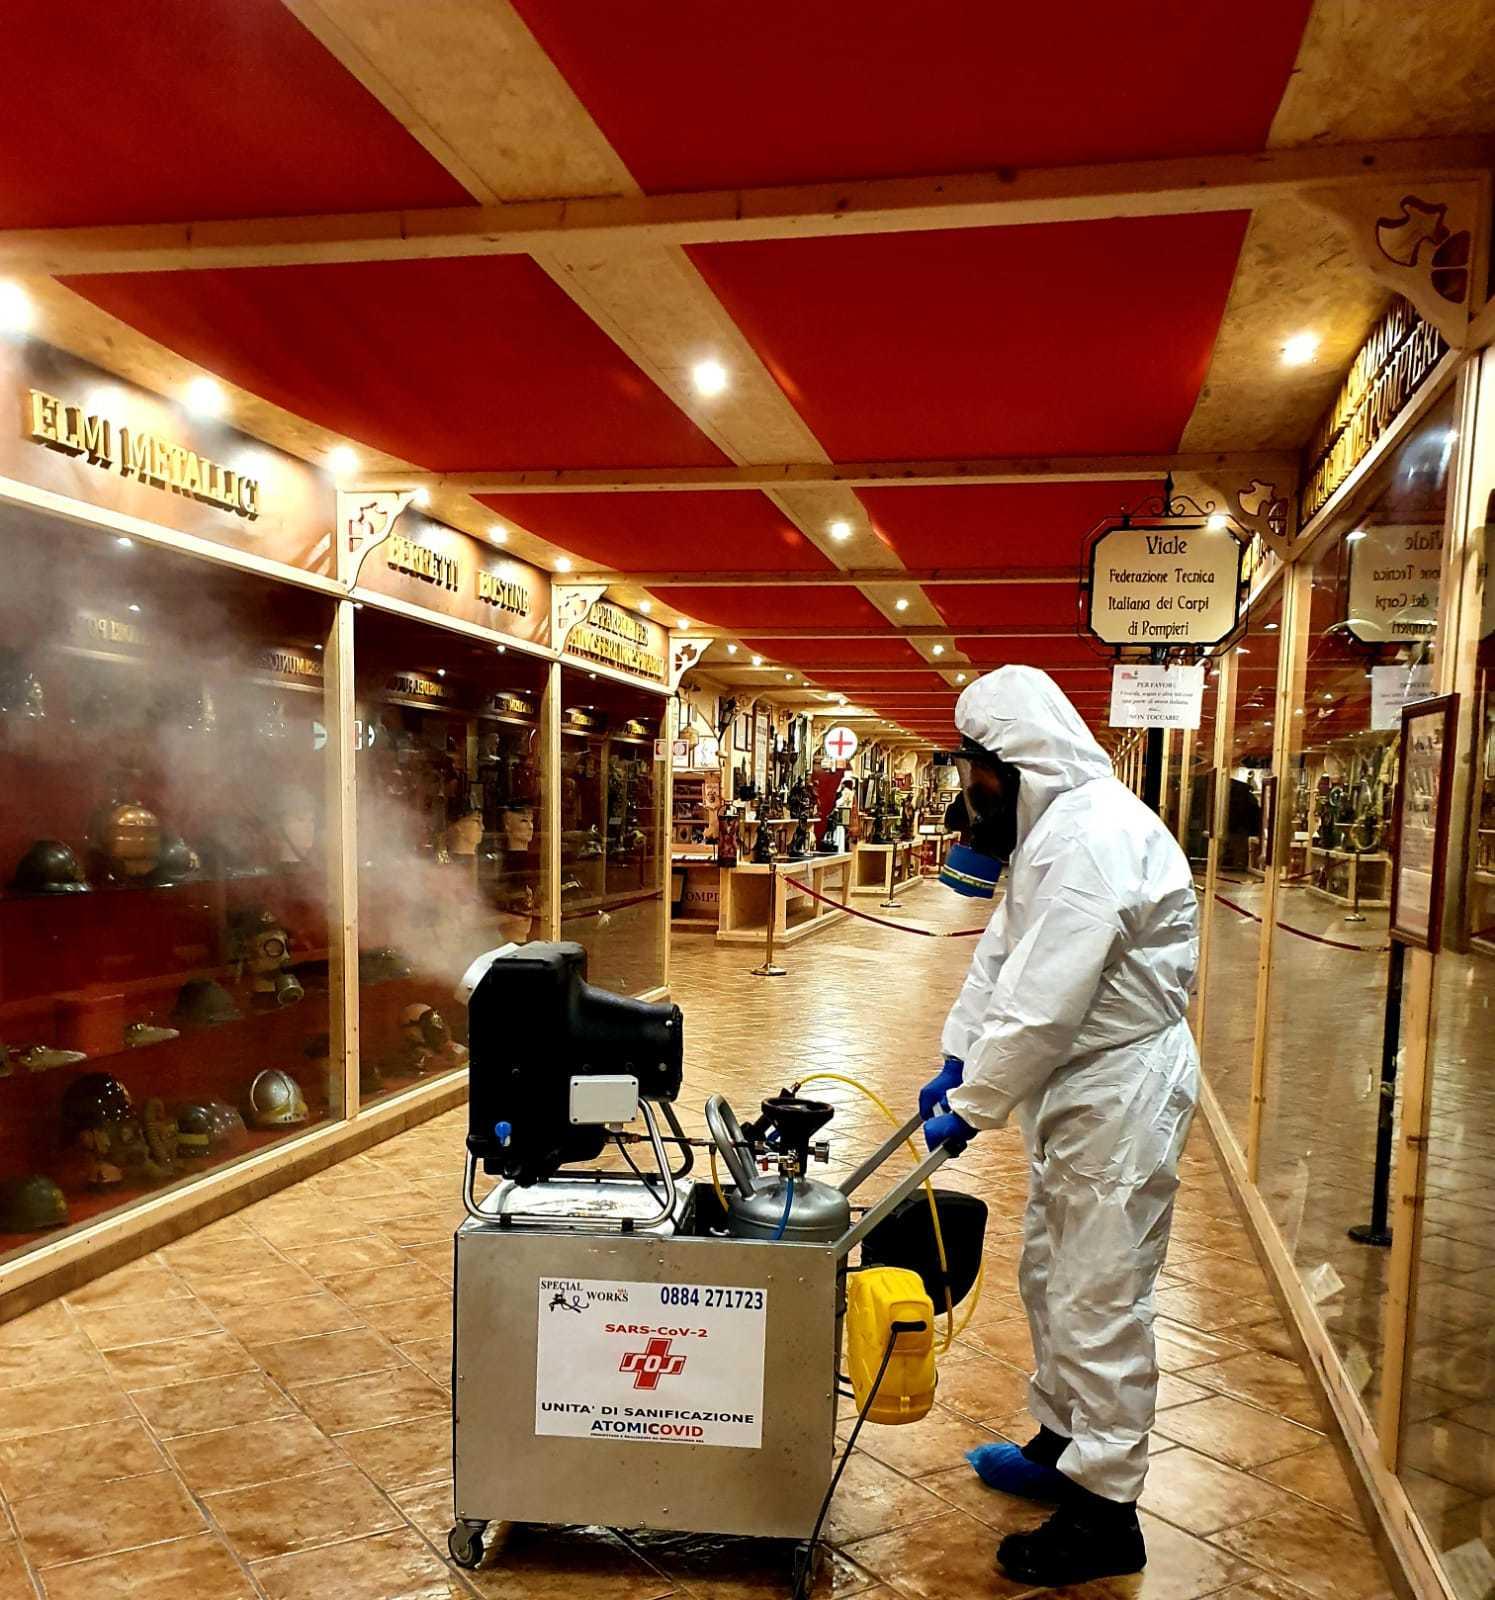 Macchina ATOMICOVID Nebulizzatore Atomizzatore per Sanificazione Covid 2